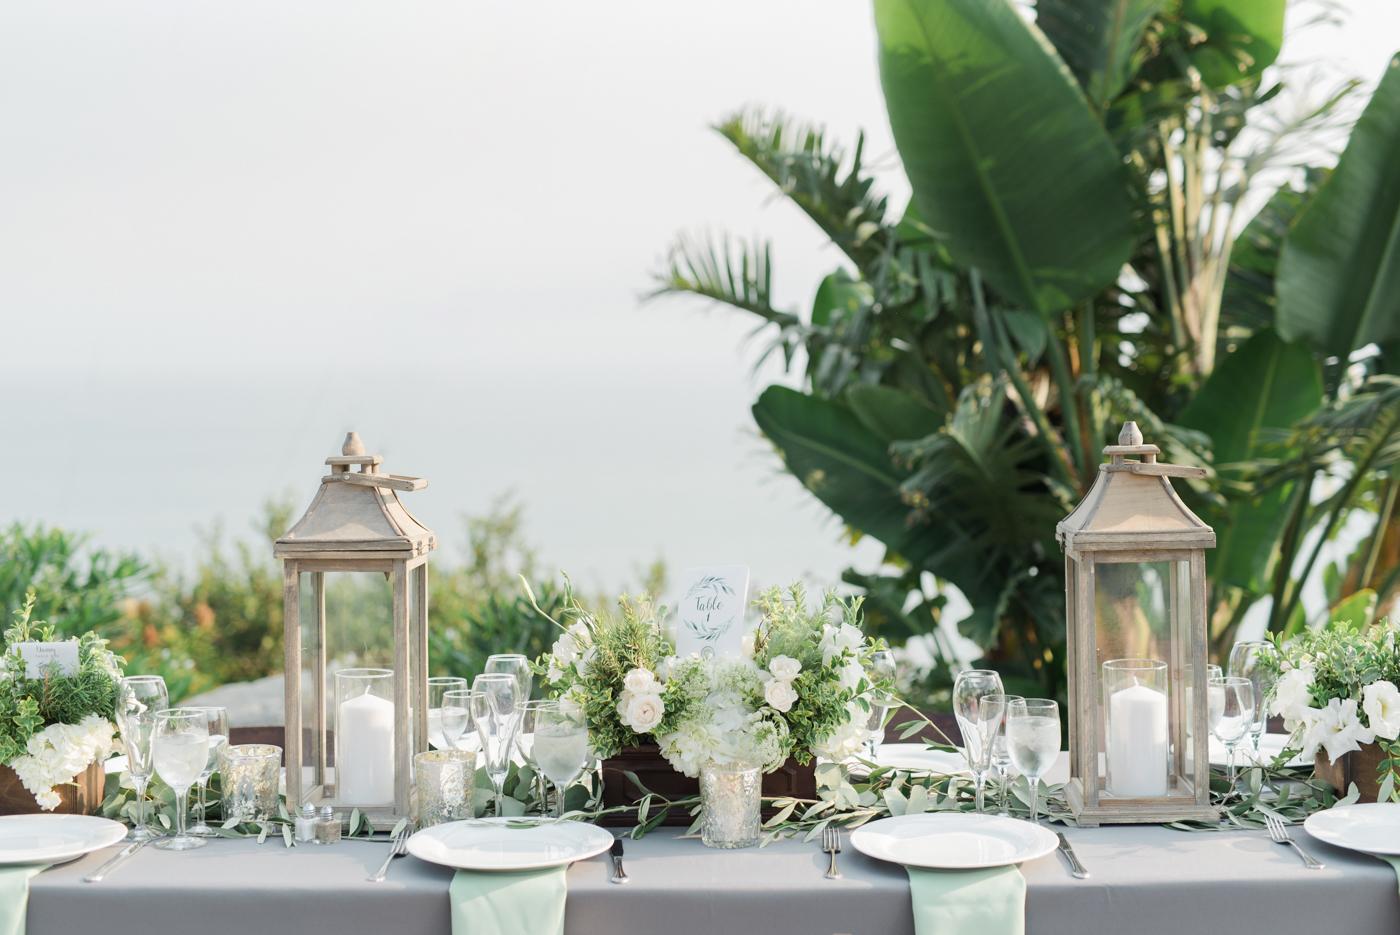 AKP_S&F_Malibu_Wedding_Fine_Art_Photography_Los_Angeles-31_reception.jpg